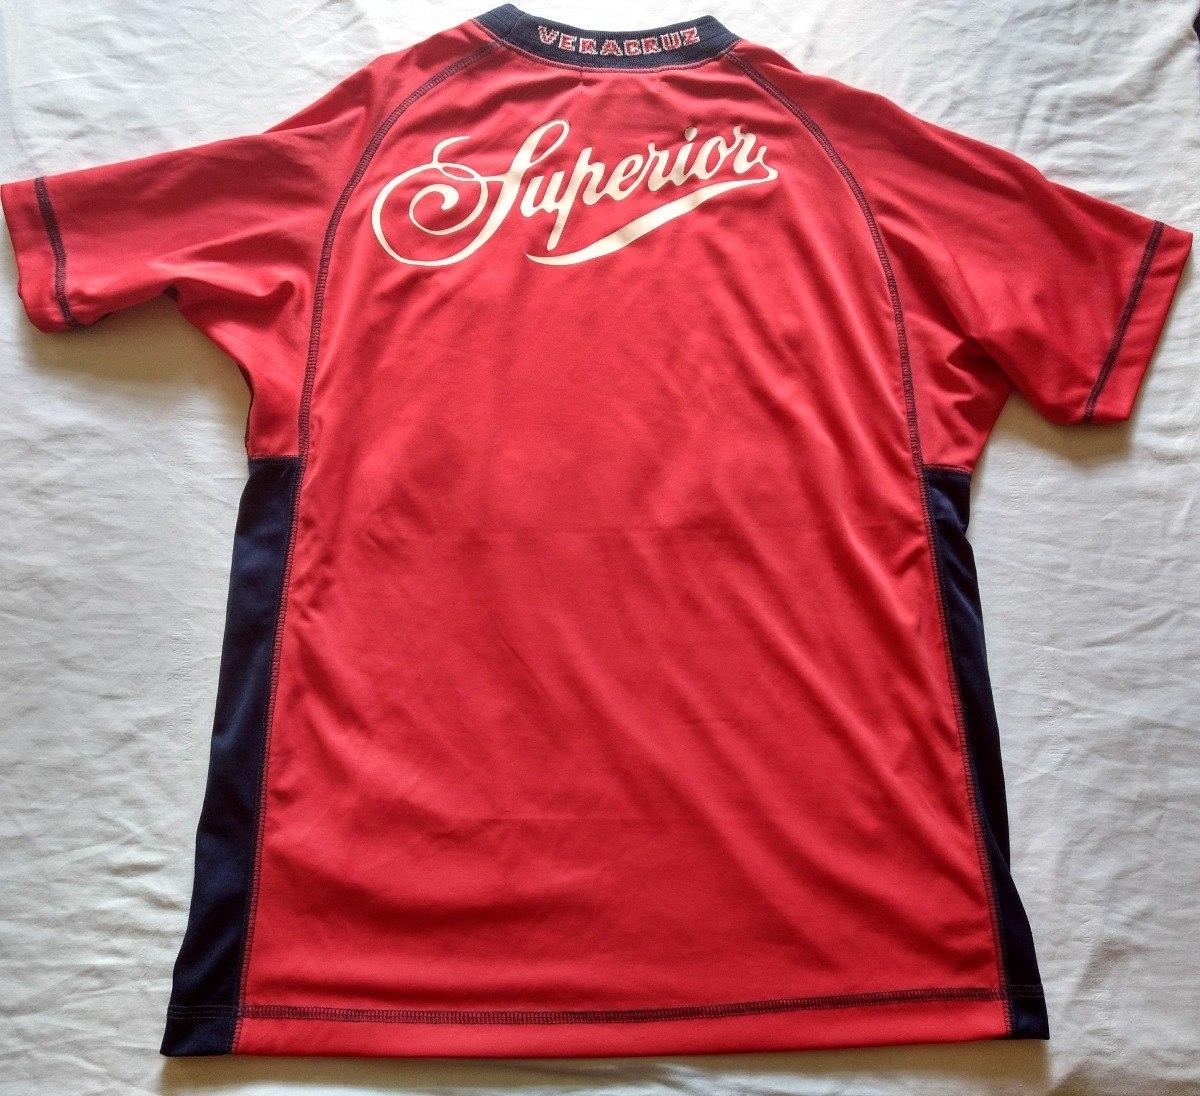 f8aac173d97d0 jersey playera tiburones rojos veracruz talla m spalding. Cargando zoom.